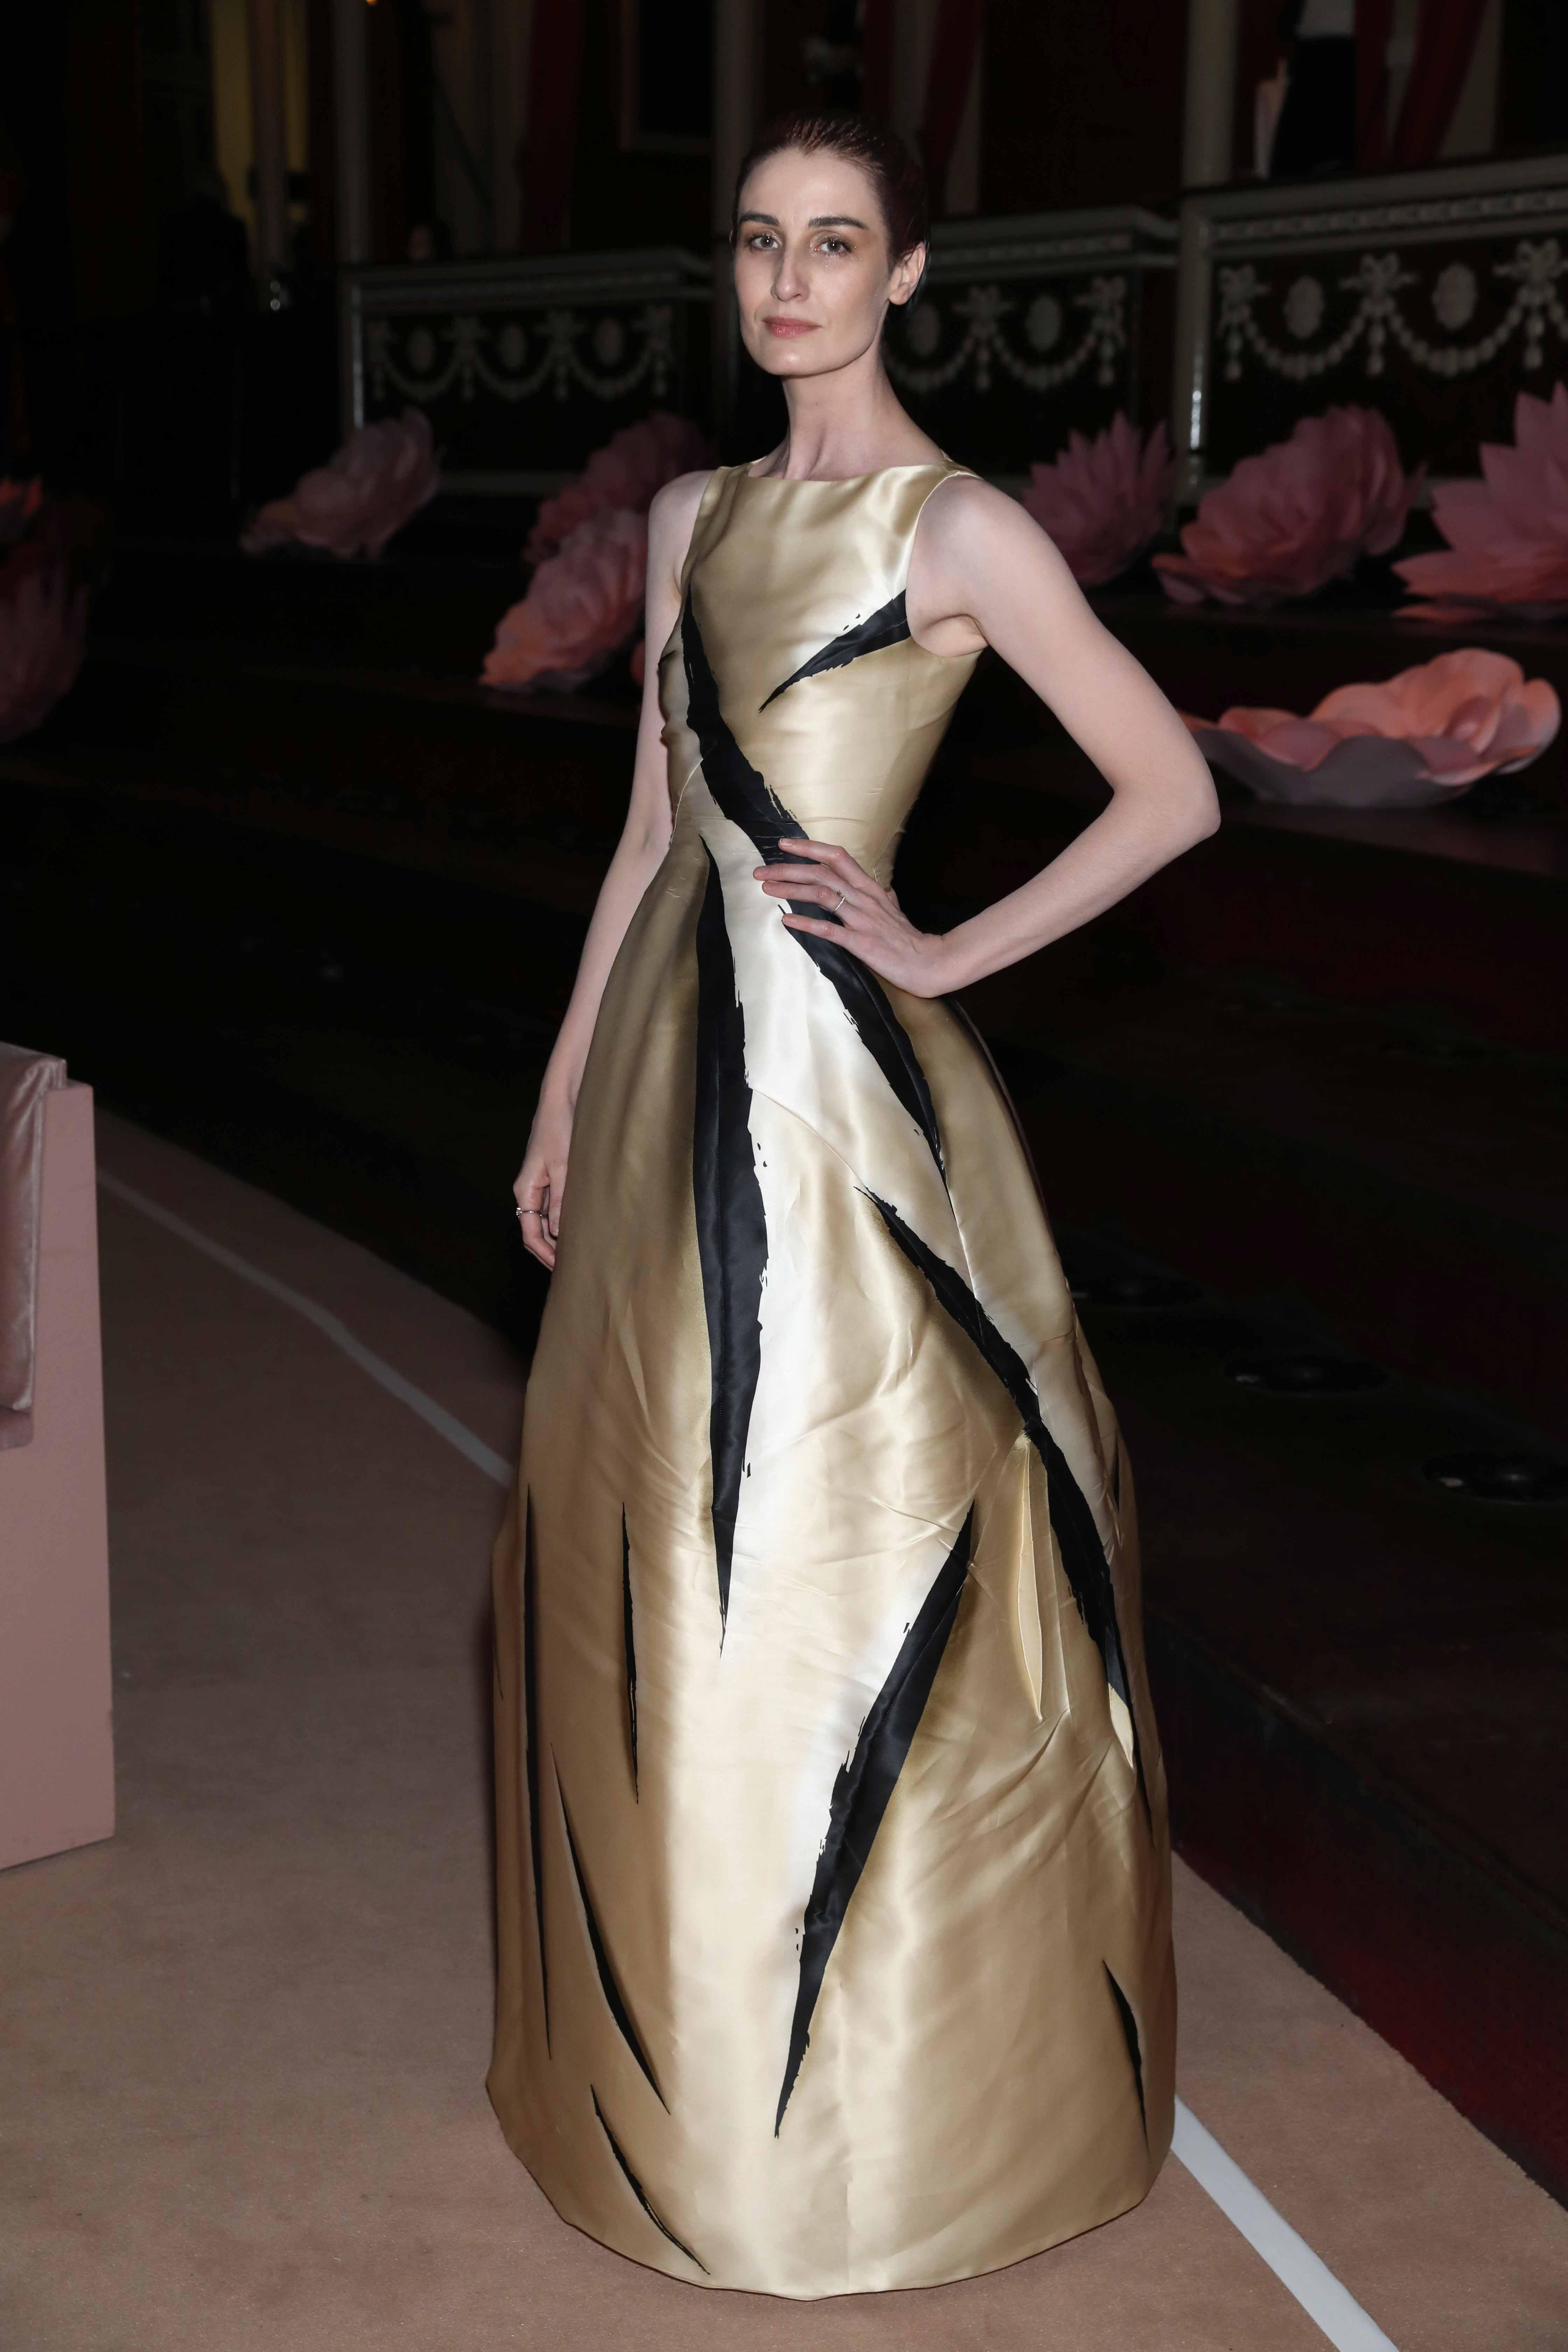 튤립이 연상되는 록산다의 새틴 드레스를 착용한 <strong>에린 오코너</strong>